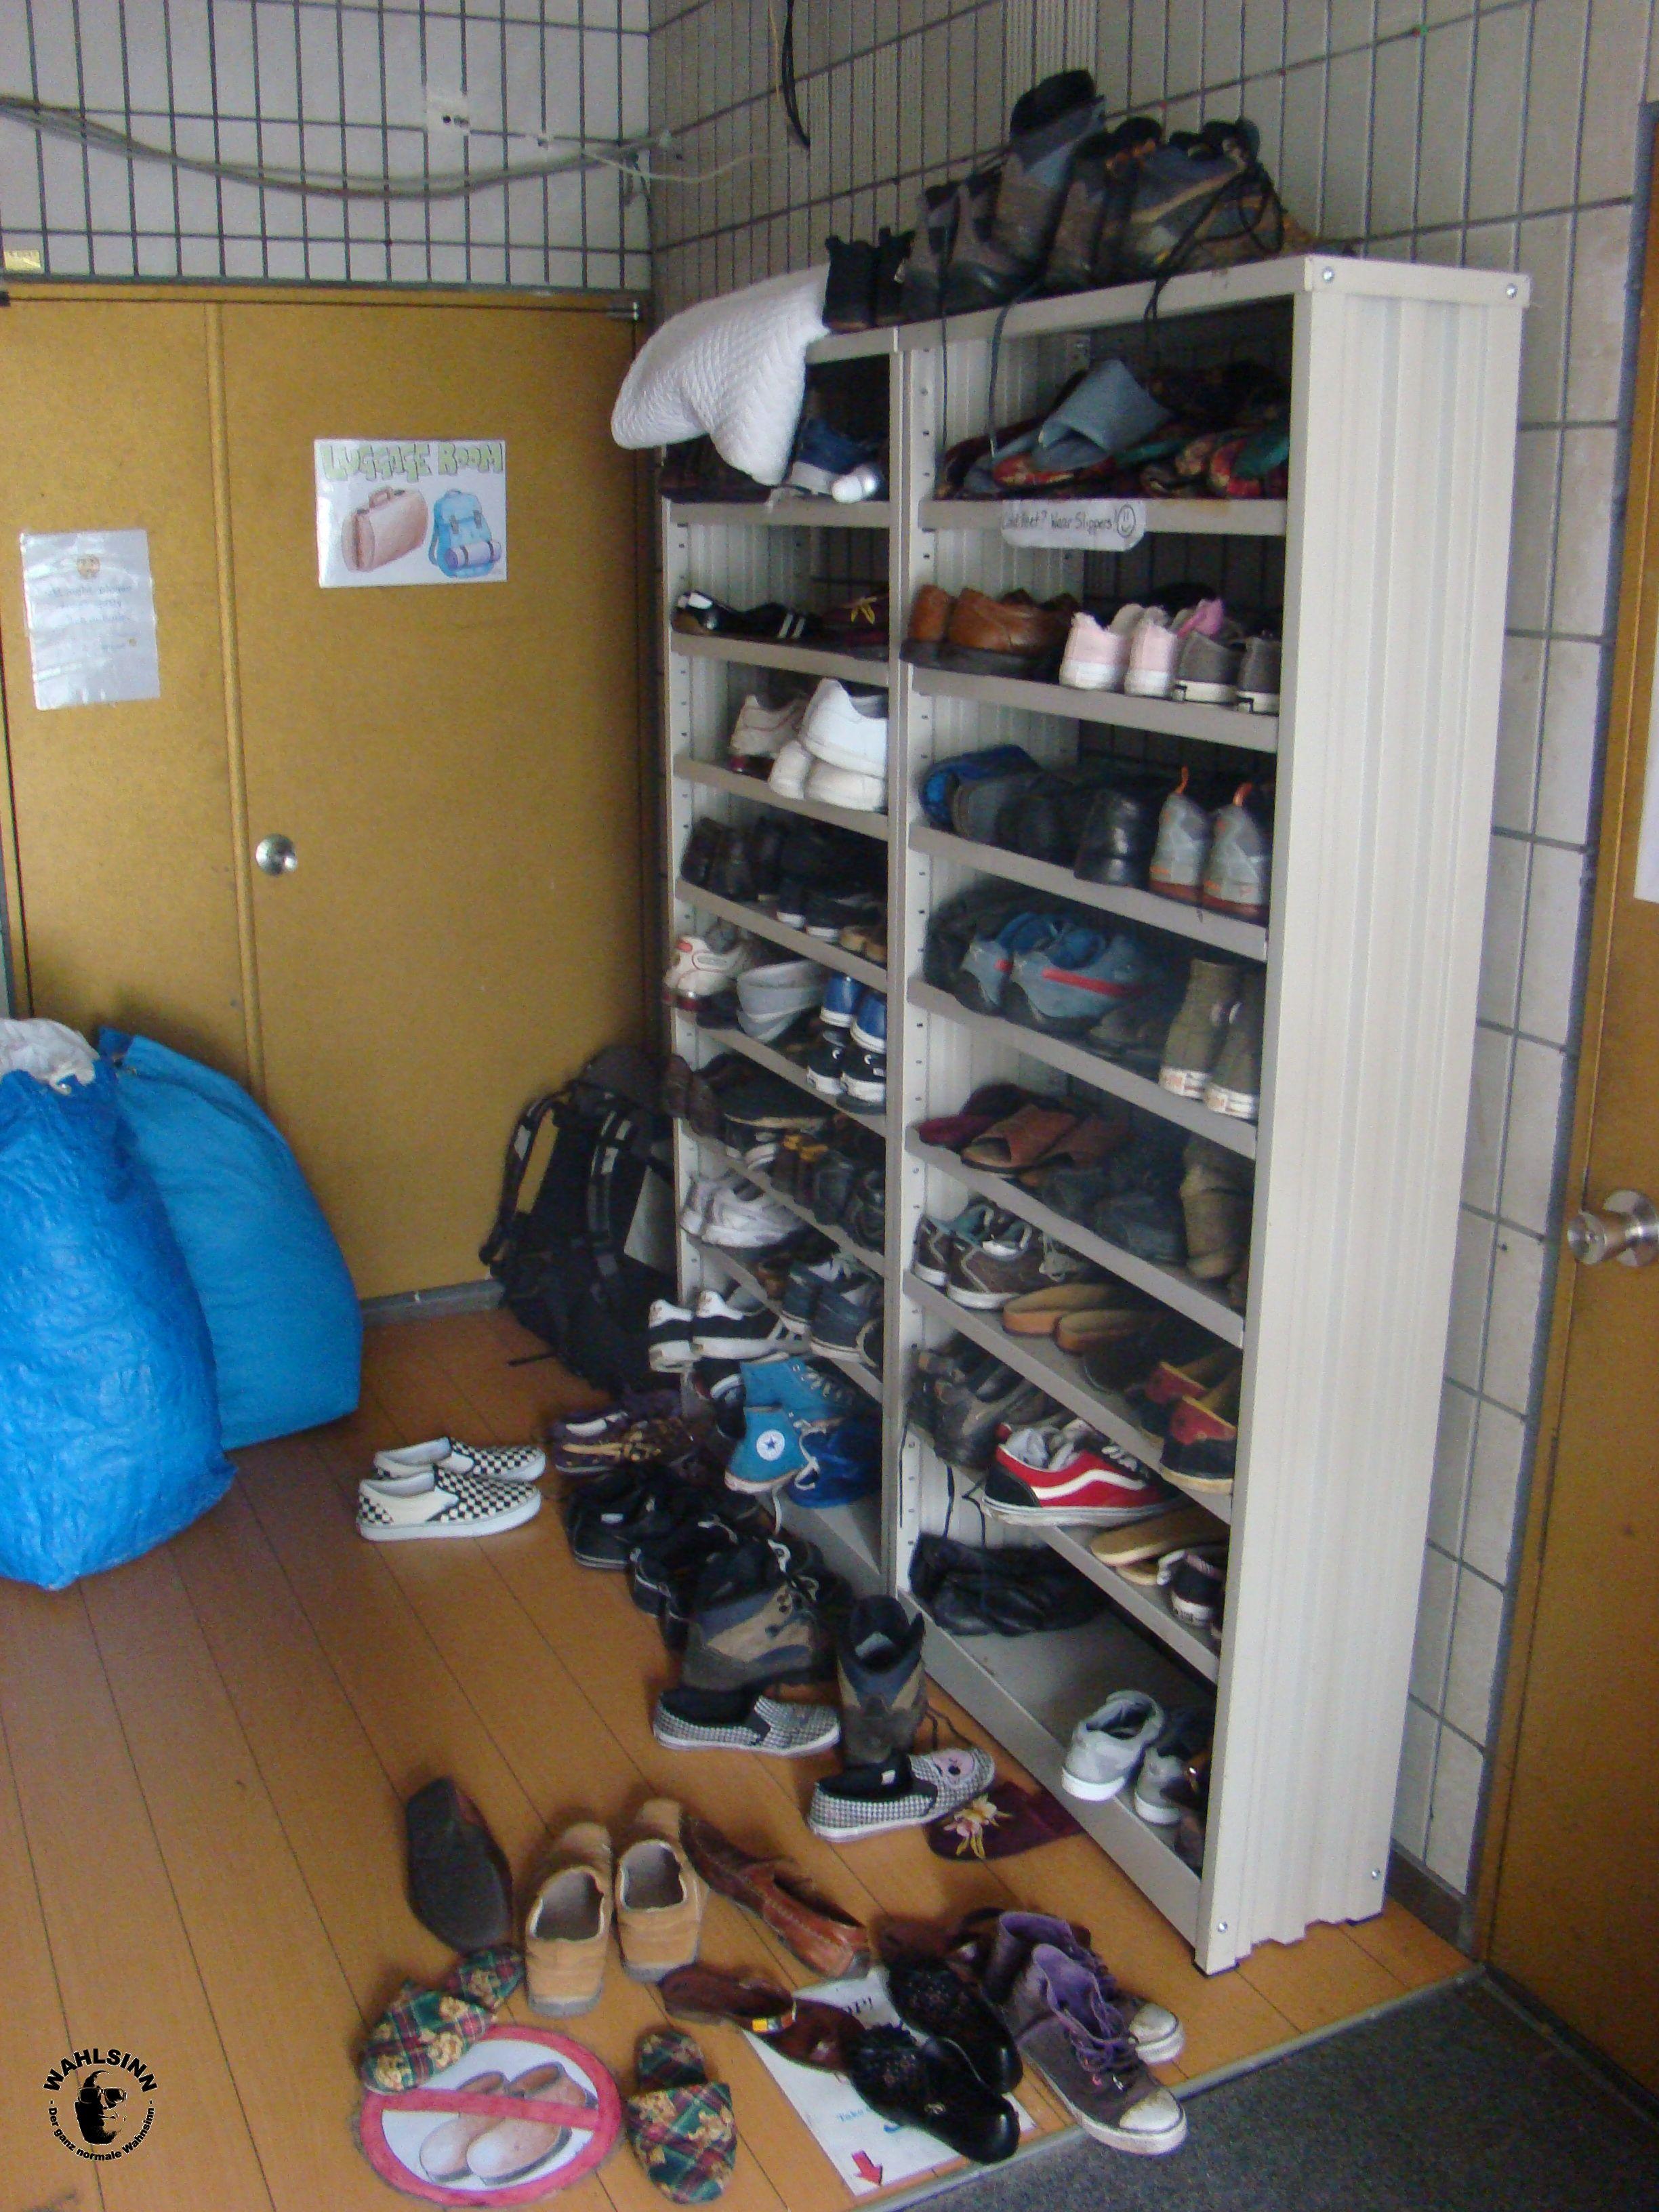 Japan // Tokio - Asakusa Smile Hostel: Schuhe aus, sonst ist der Dreck drin!